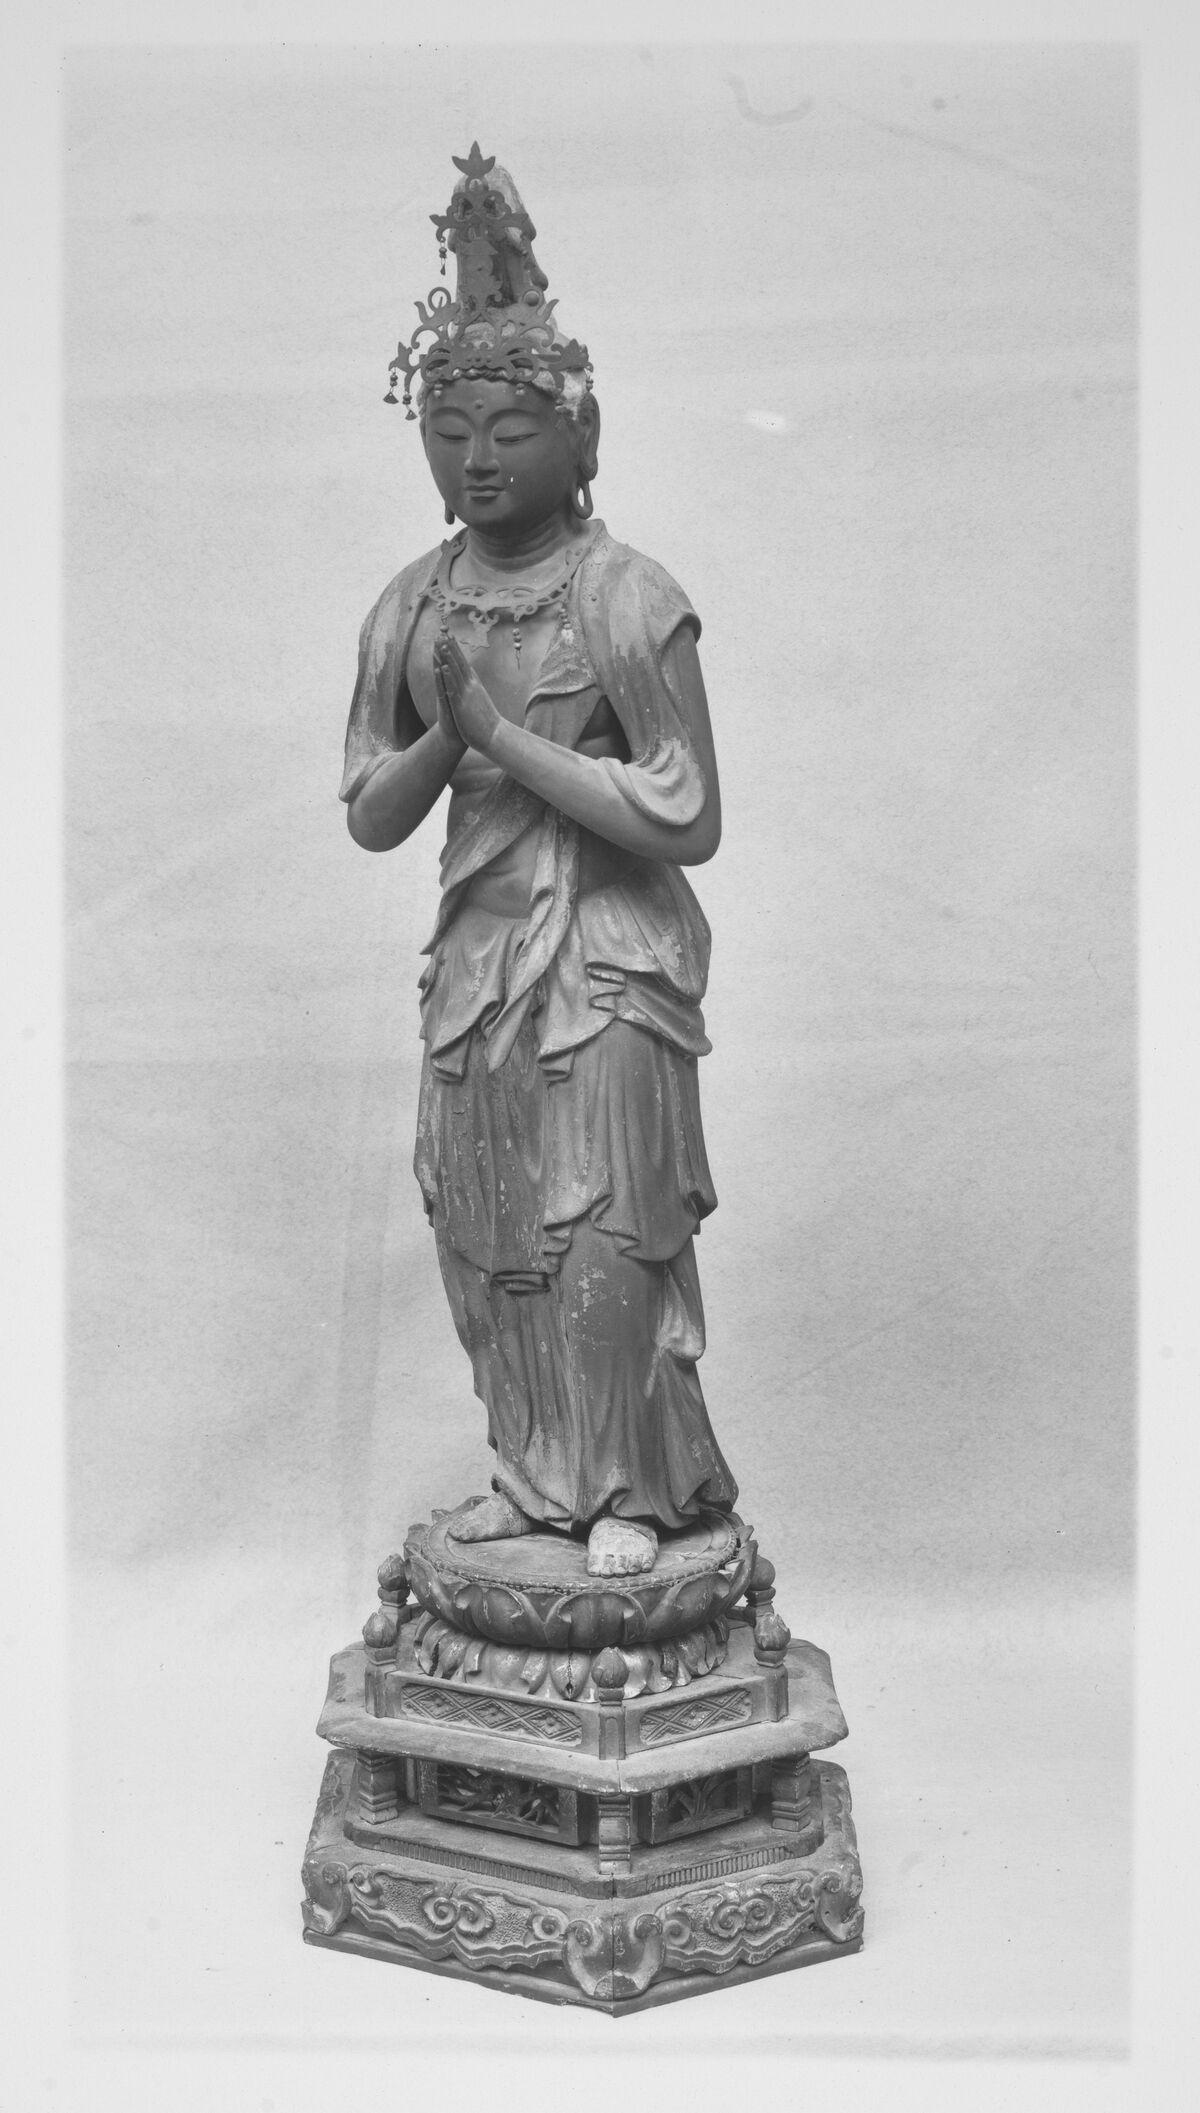 勢 至 菩薩, Asistente Bodhisattva Seishi, finales del siglo XIII-XIII, Japón.  Cortesía del Museo Metropolitano de Arte.